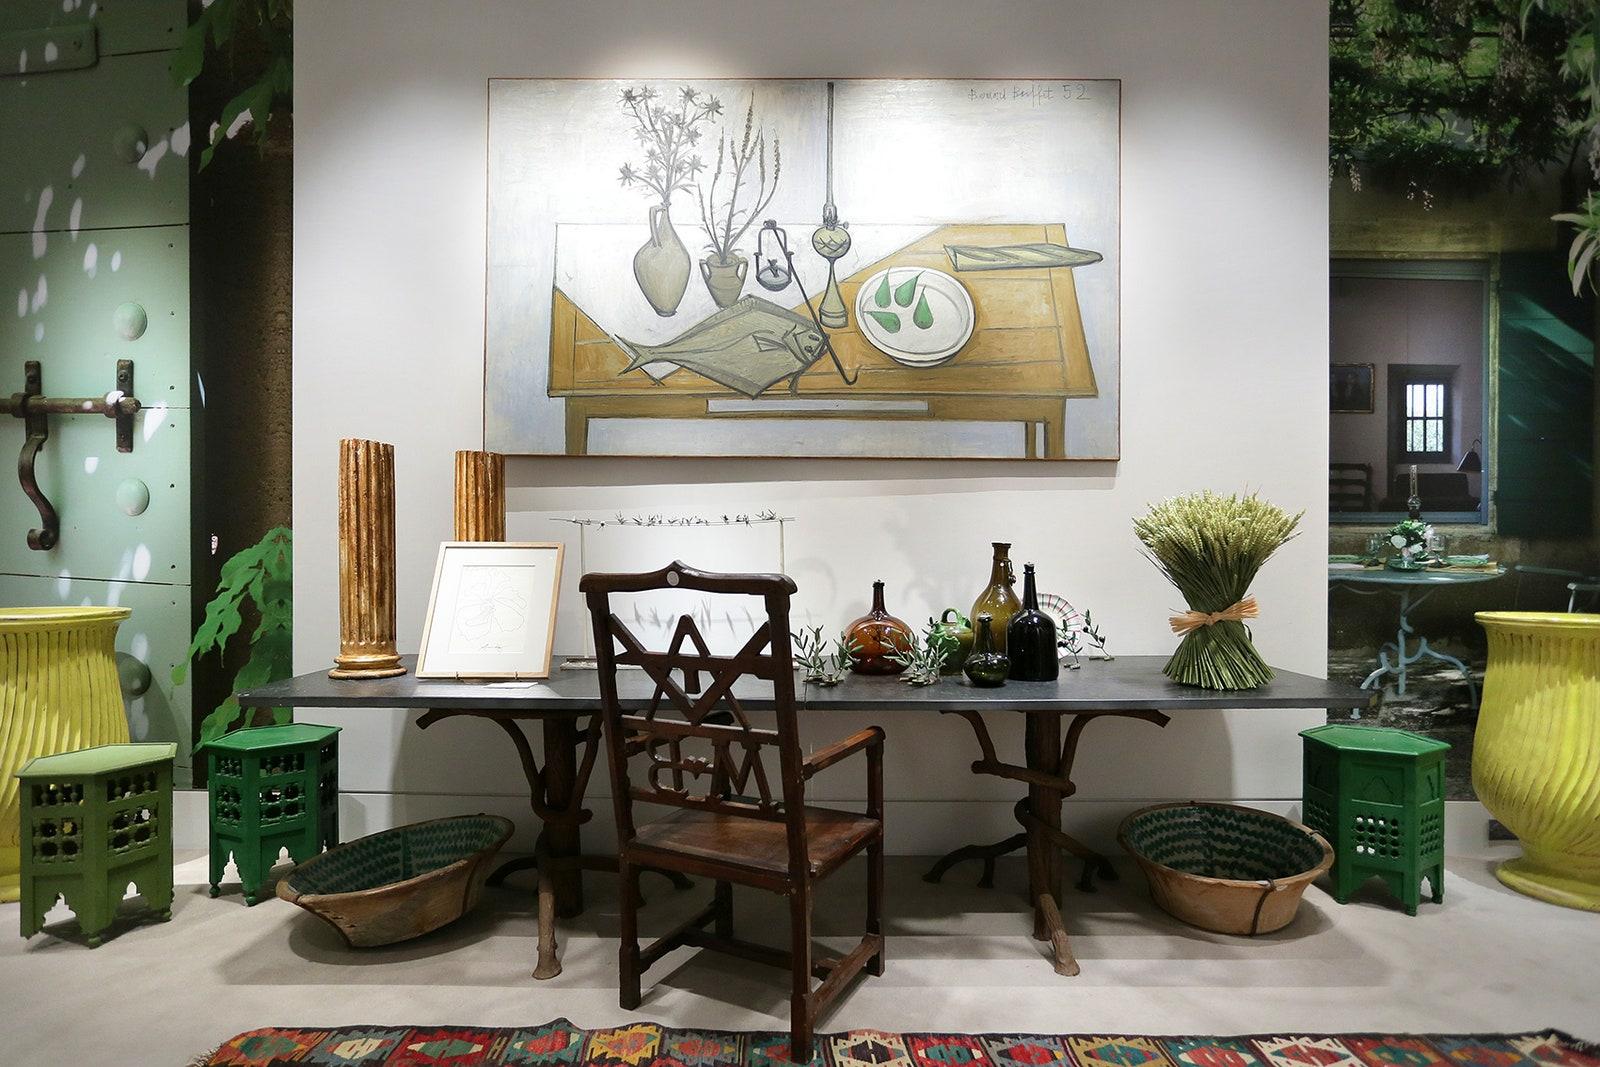 Full Size of Pierre Bergs Personal Collection On View At Sothebys France Kolonialstil Sofa Leinen Günstig Schillig Grau Stoff Elektrisch Wohnlandschaft Big Mit Hocker Wohnzimmer Big Sofa Nadja